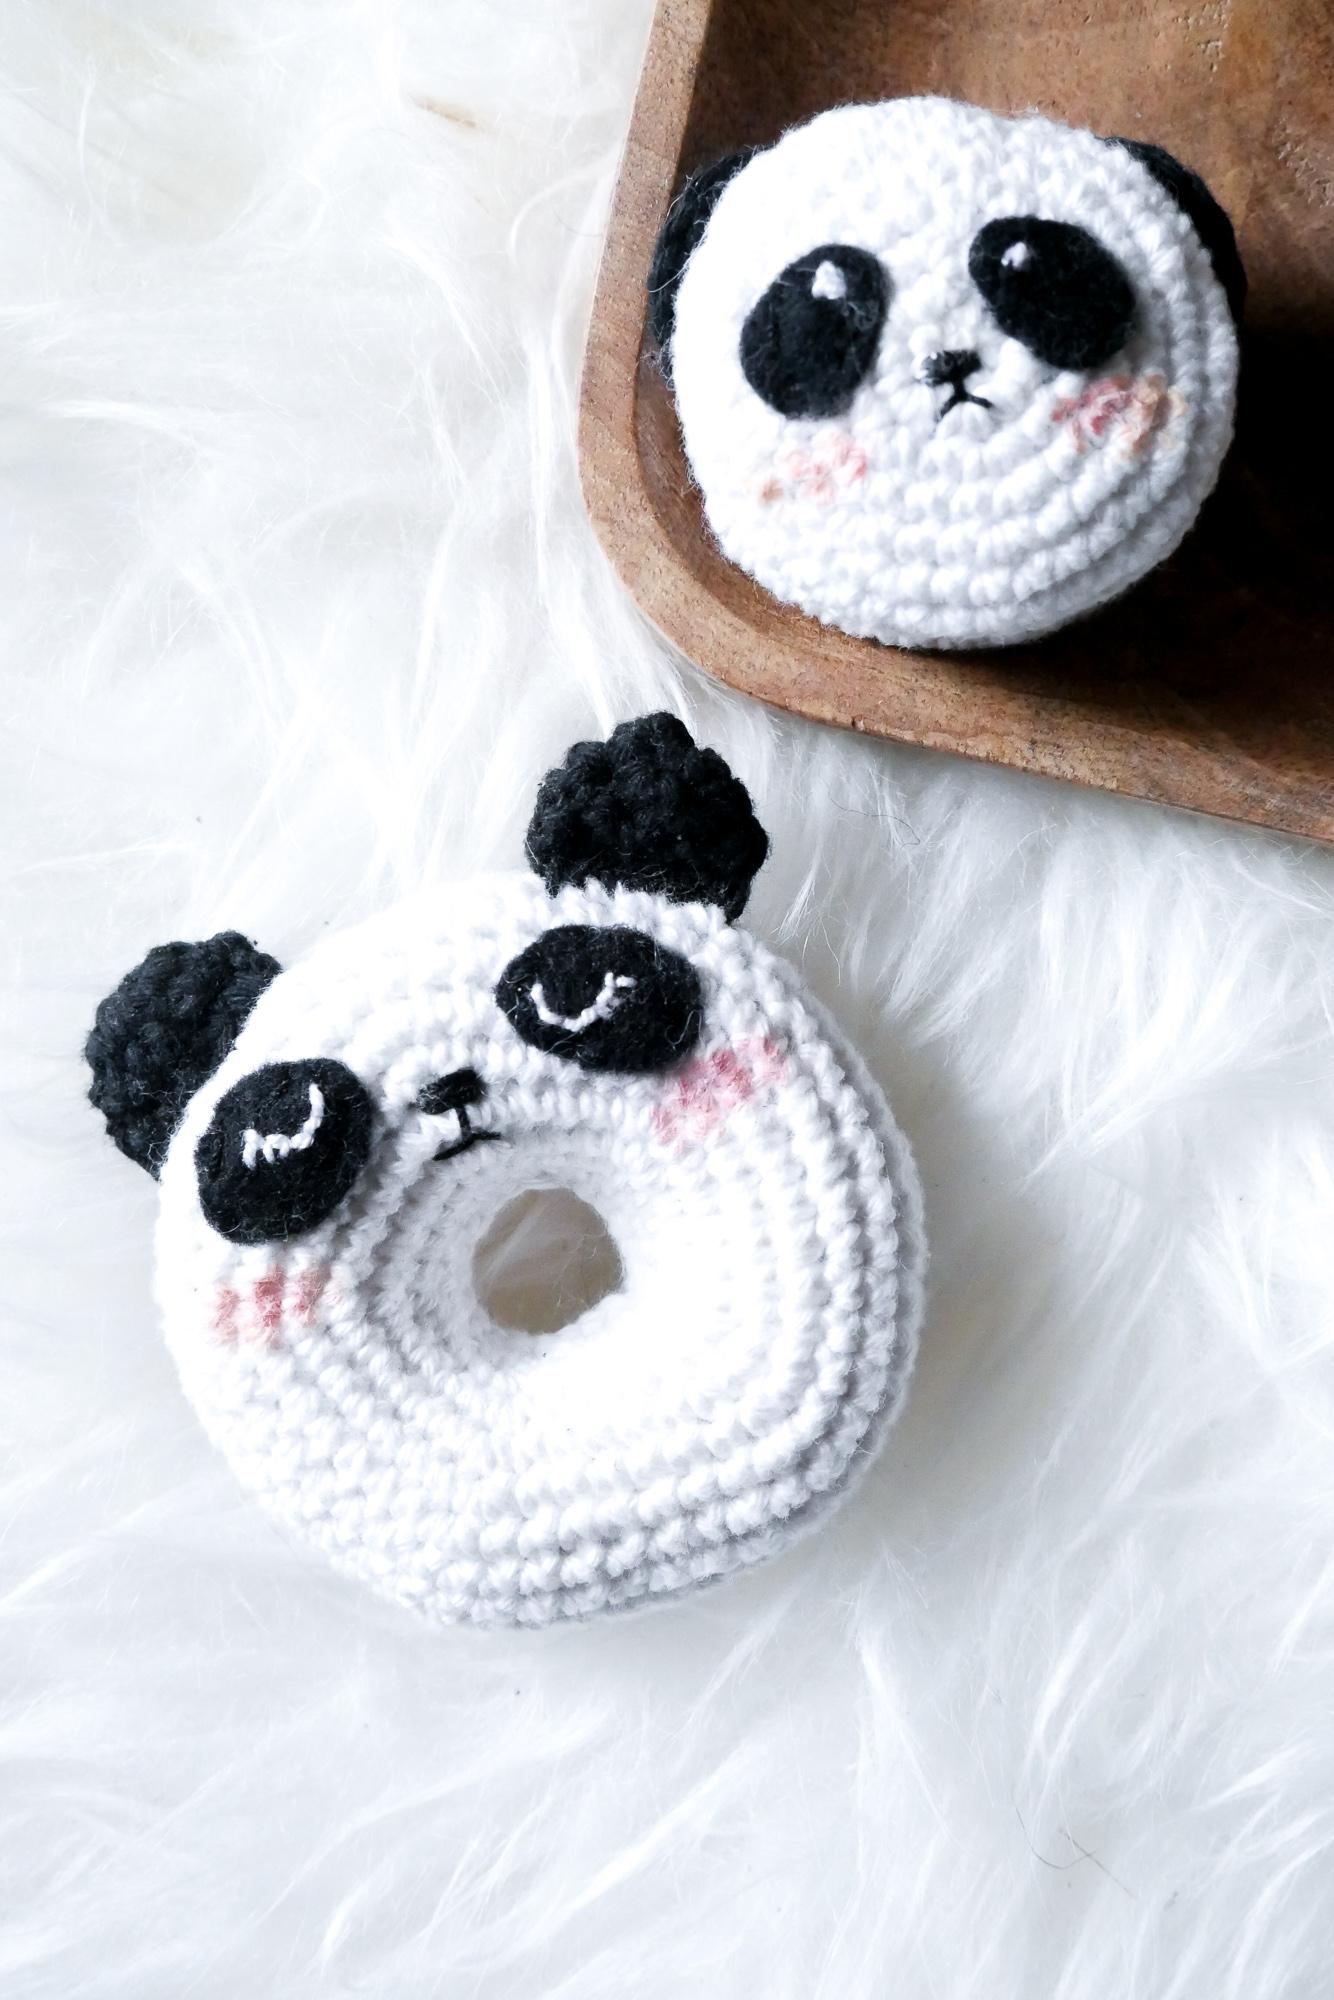 Panda-Amigurumi- Filz als Dekoobjekt für Amigurumi